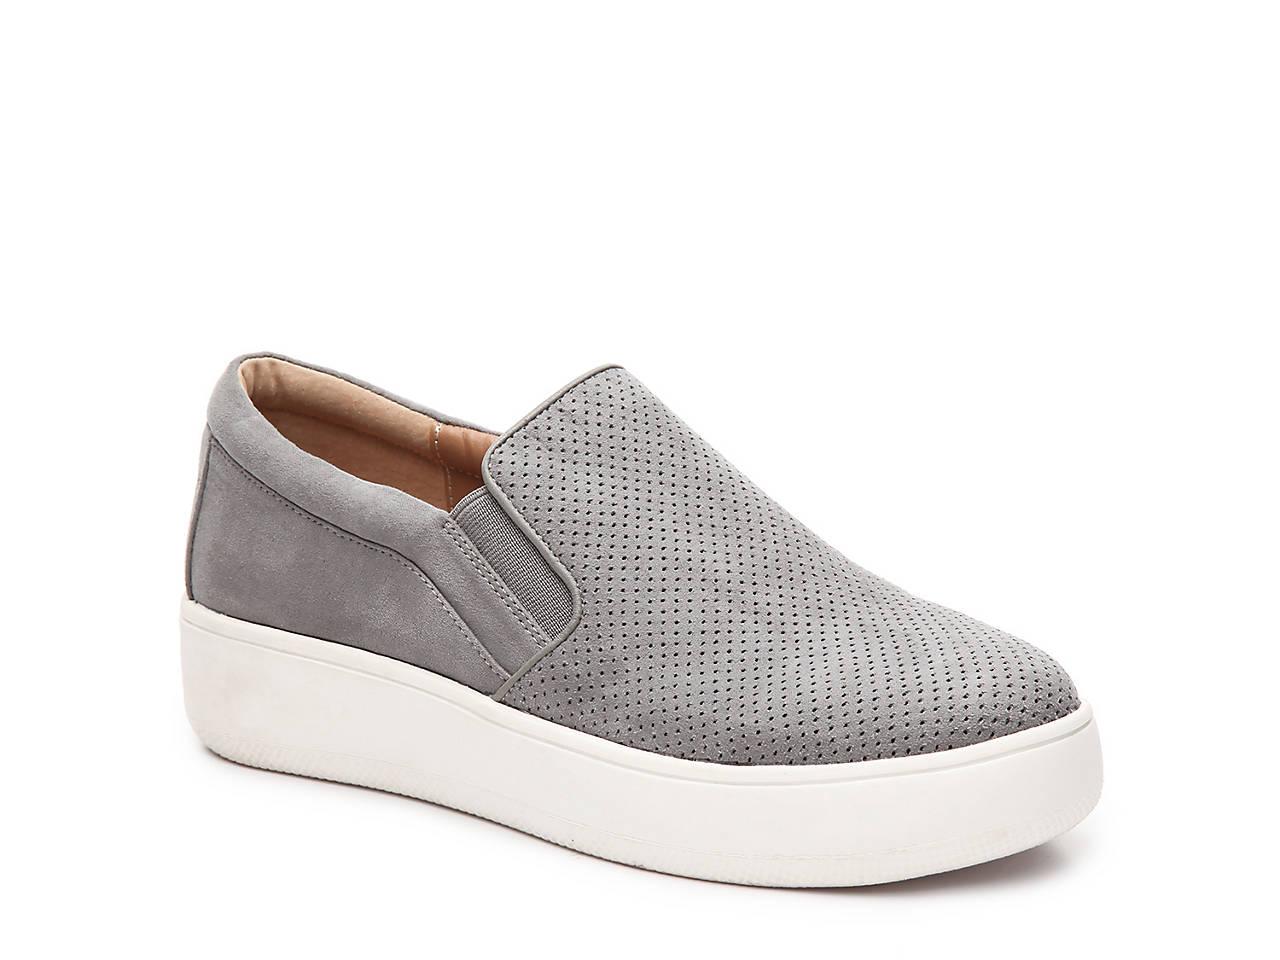 8f695714d9 Steve Madden Genette Platform Sneaker Women s Shoes